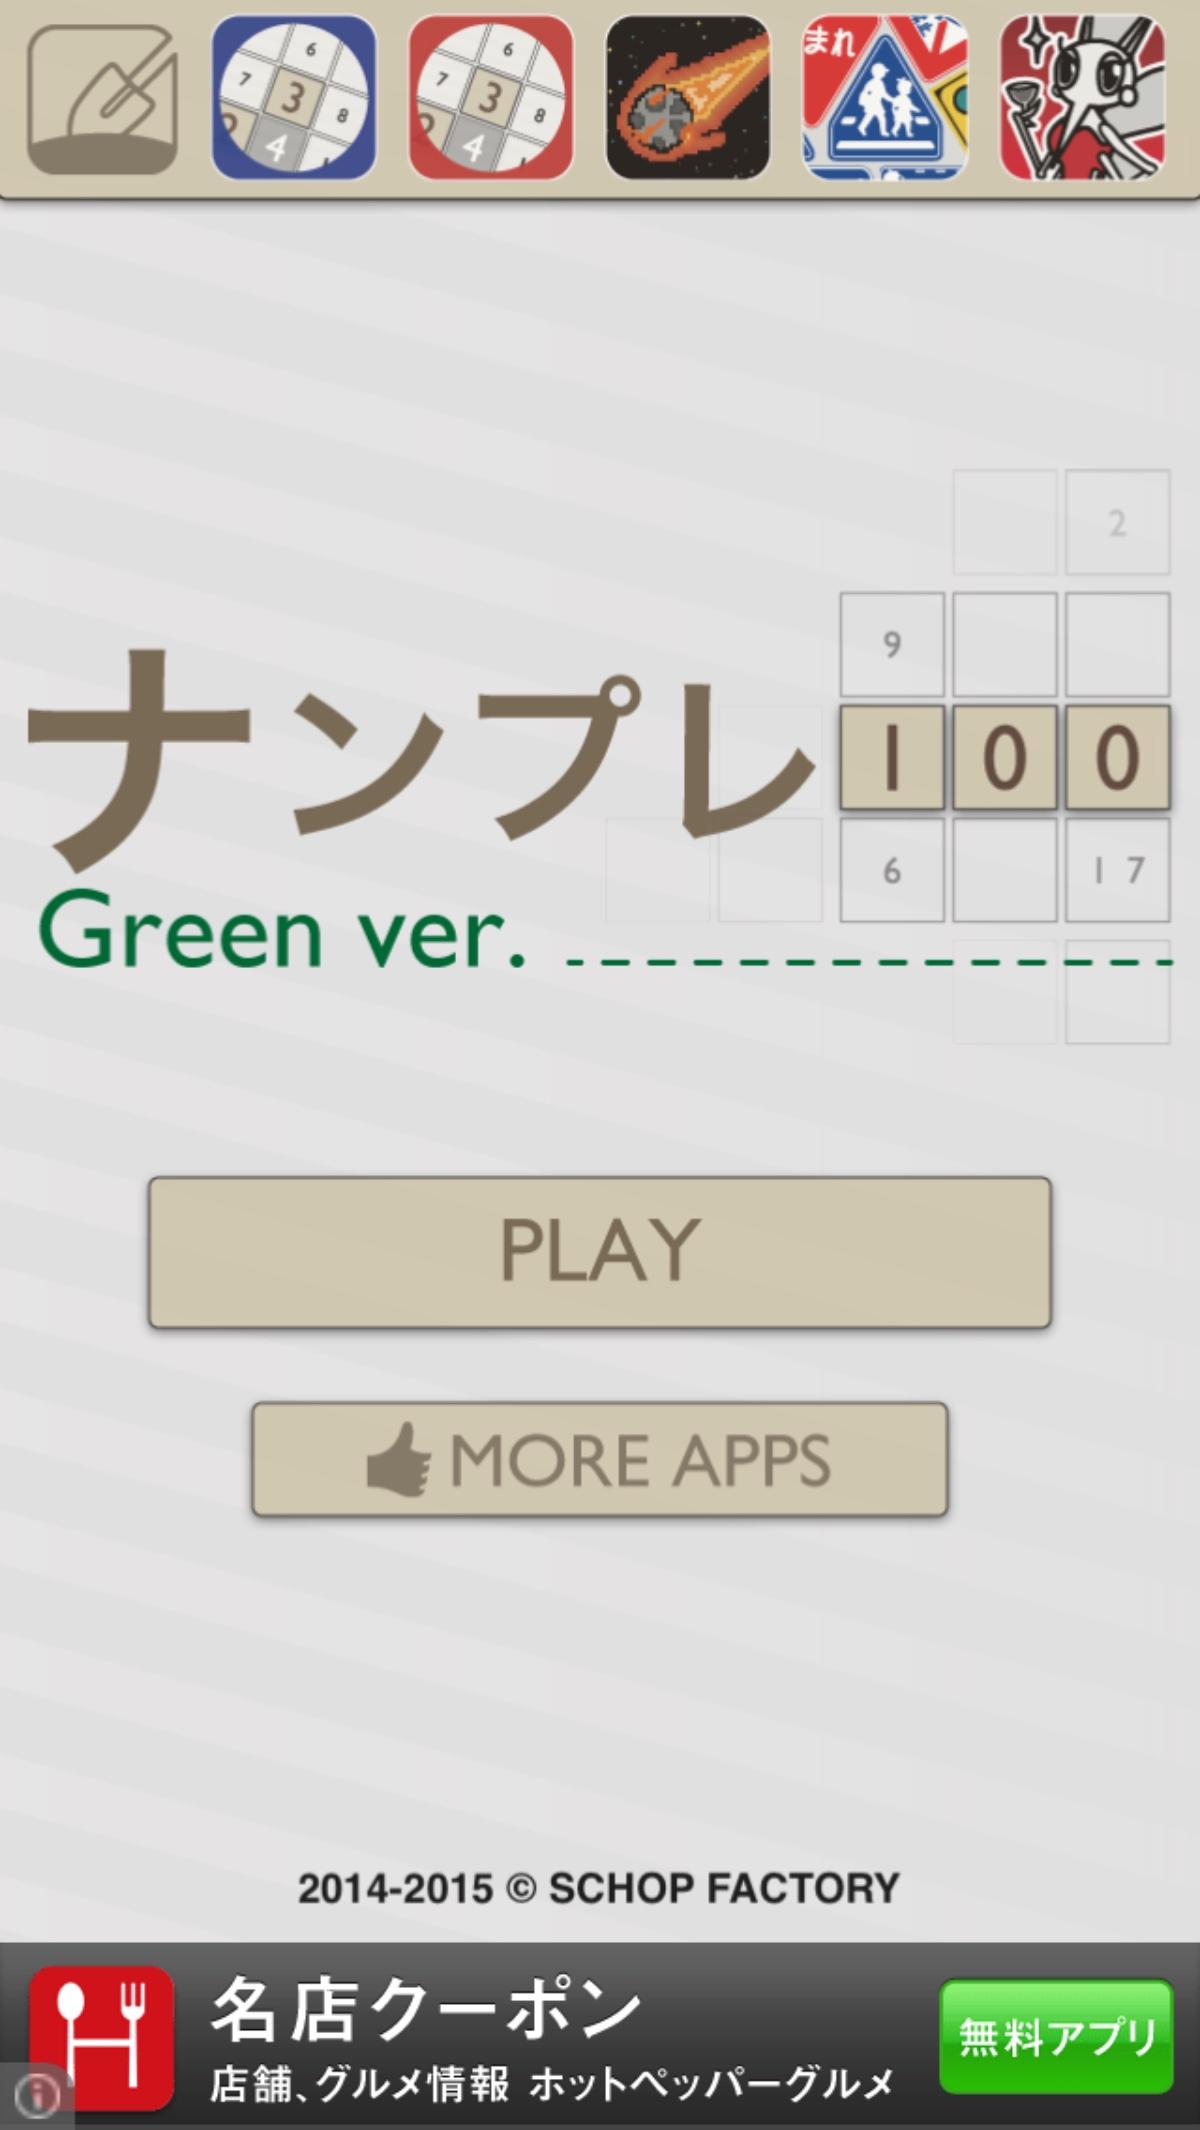 おうちでも、移動中でも脳トレしよう。 - iPhone アプリ 「ナンプレ100 グリーン - 超!遊びやすい数独」